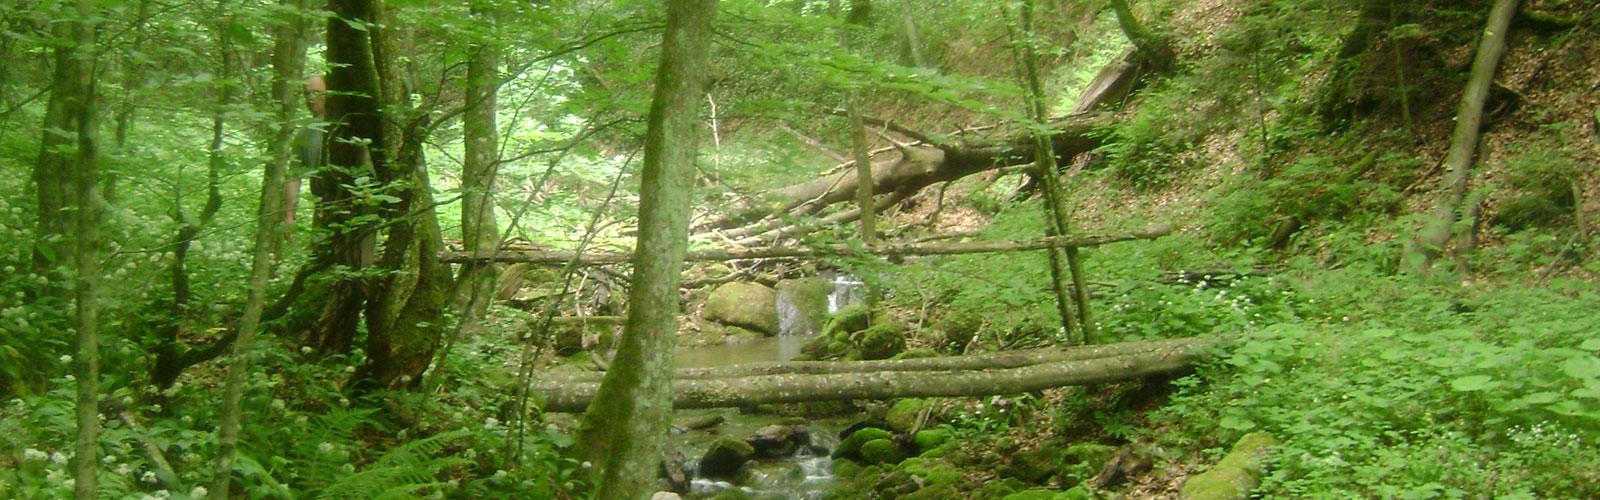 nacionalni-park-kozara-vegetacija-i-biljni-fond-3